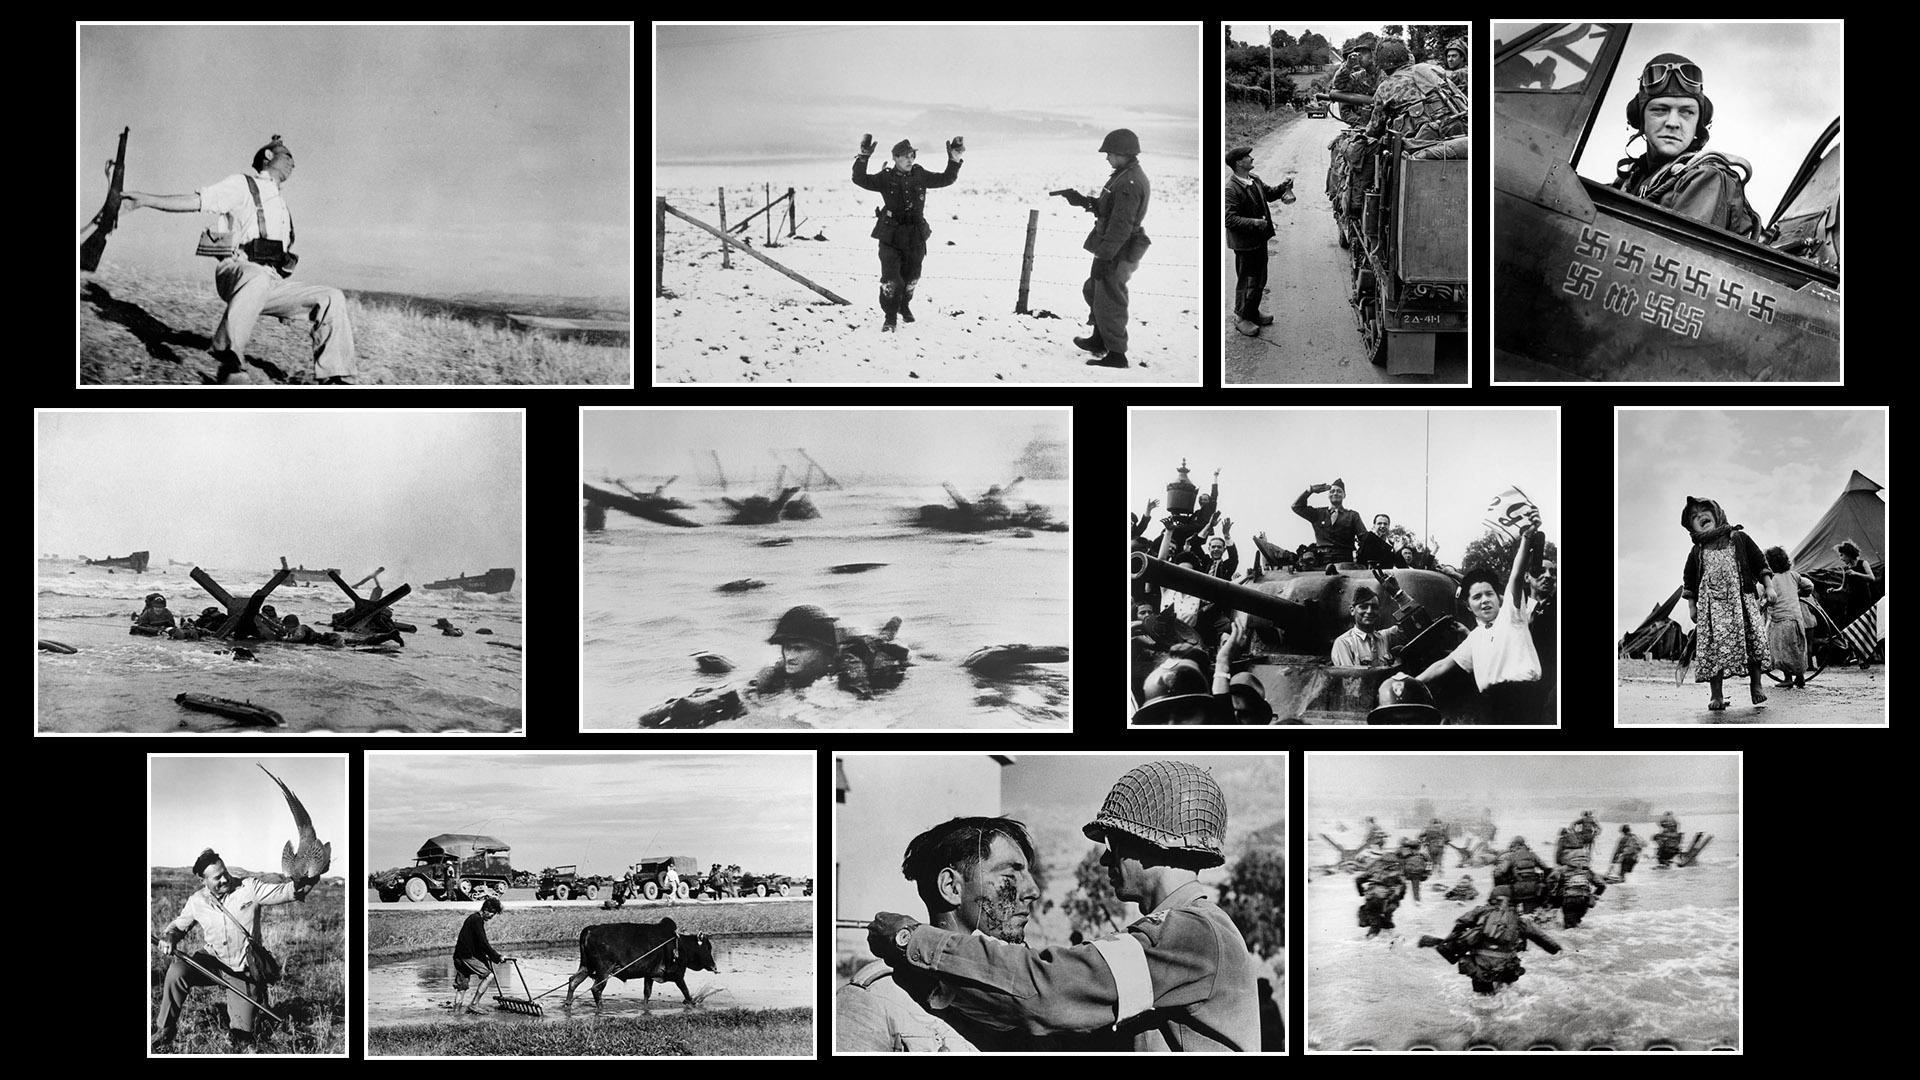 On Photography: Robert Capa, 1913-1954 | Photofocus